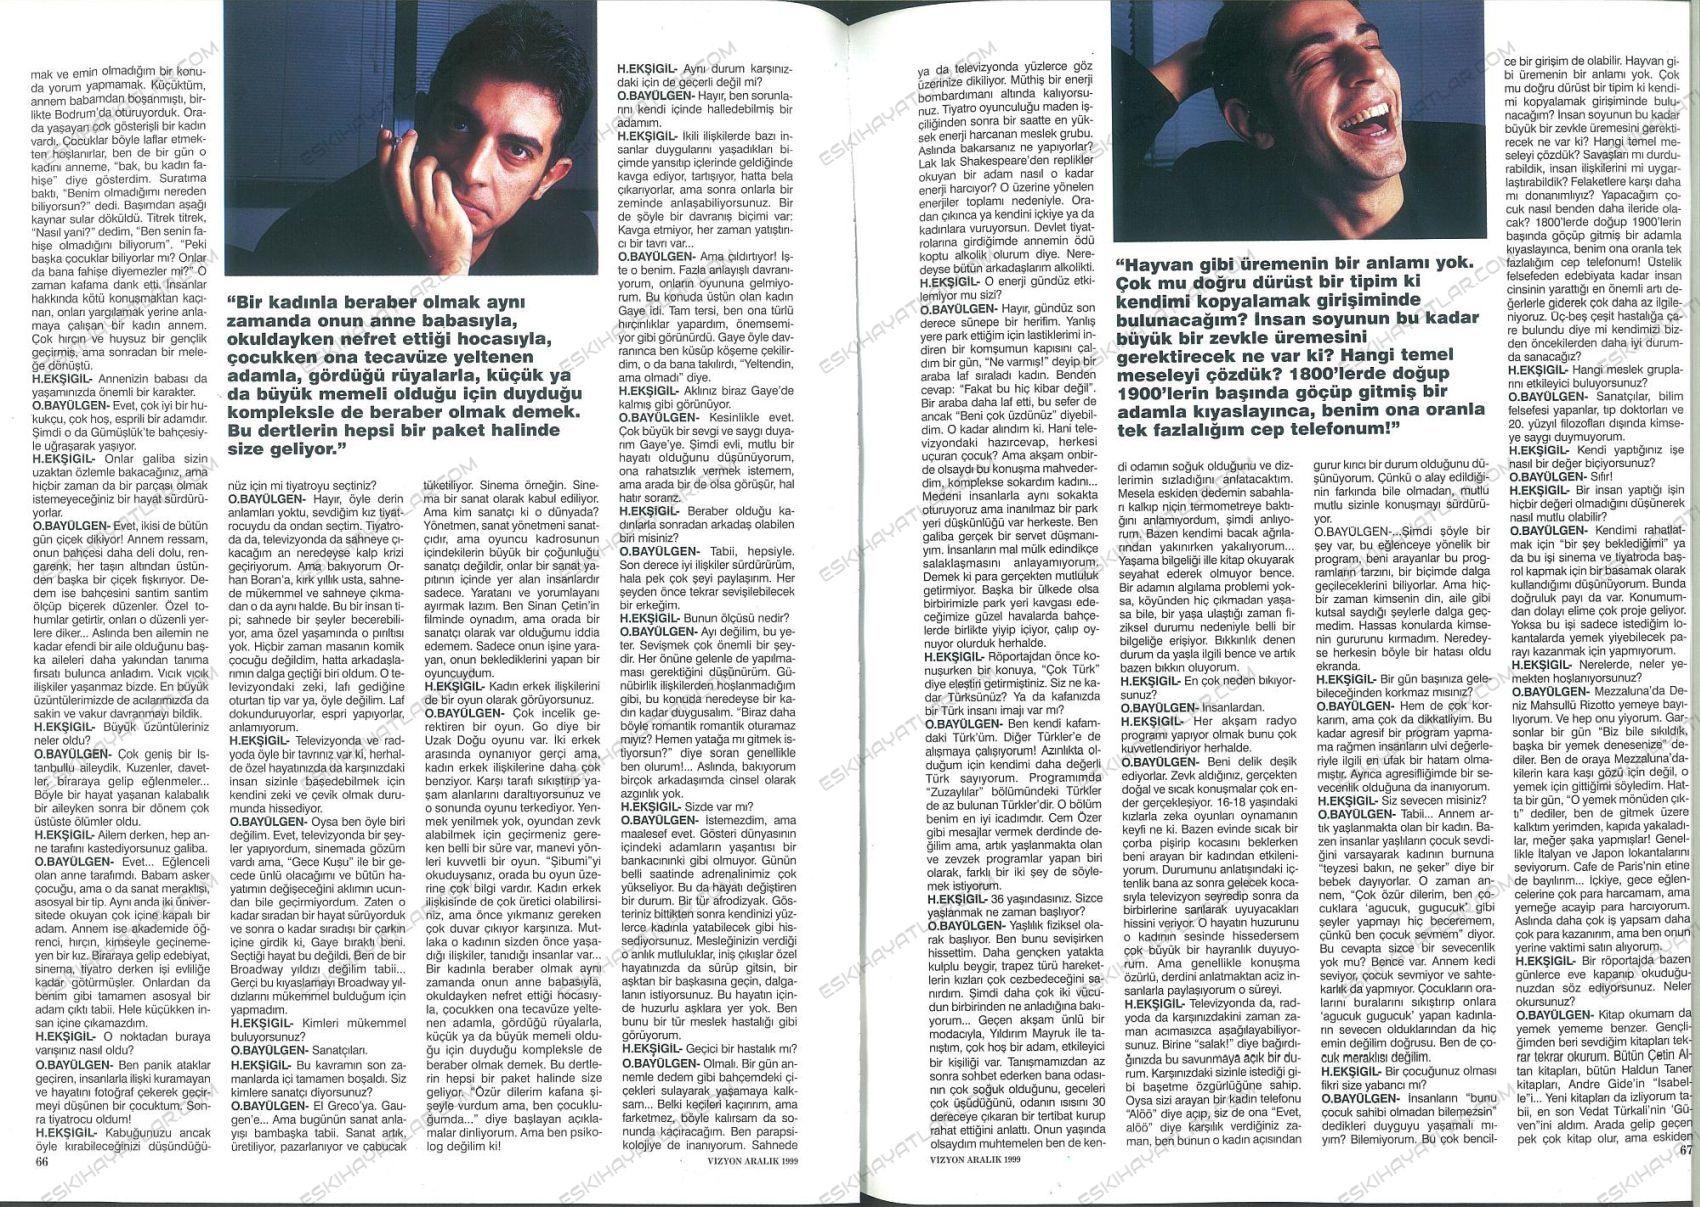 0331-okan-bayulgen-roportaji-1999-vizyon-dergisi (6)